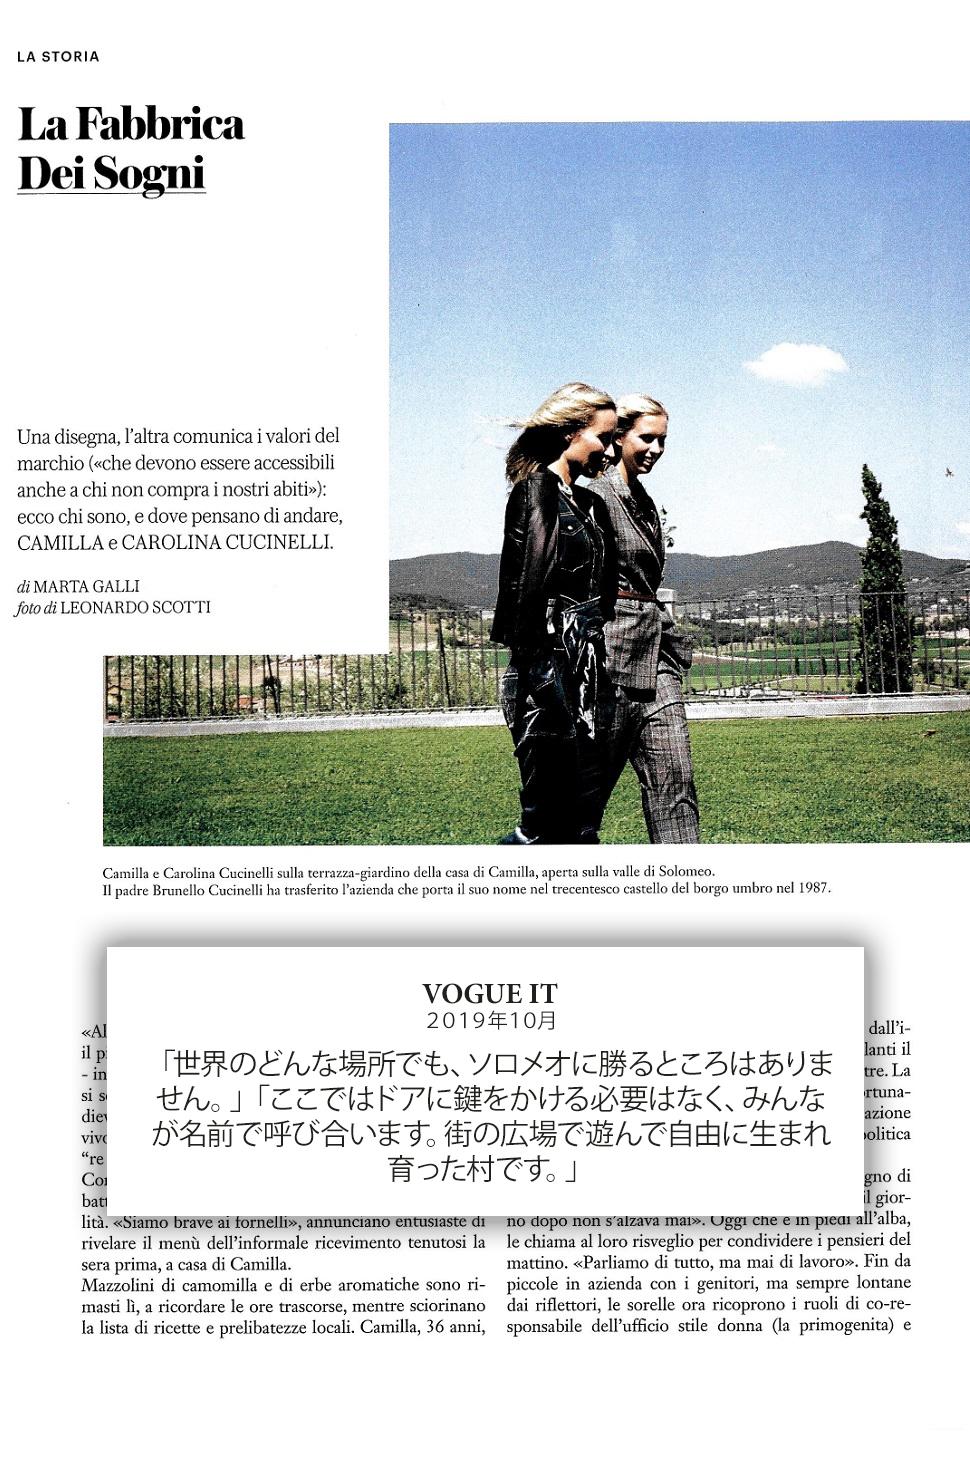 Vogue IT La Fabbrica dei Sogni